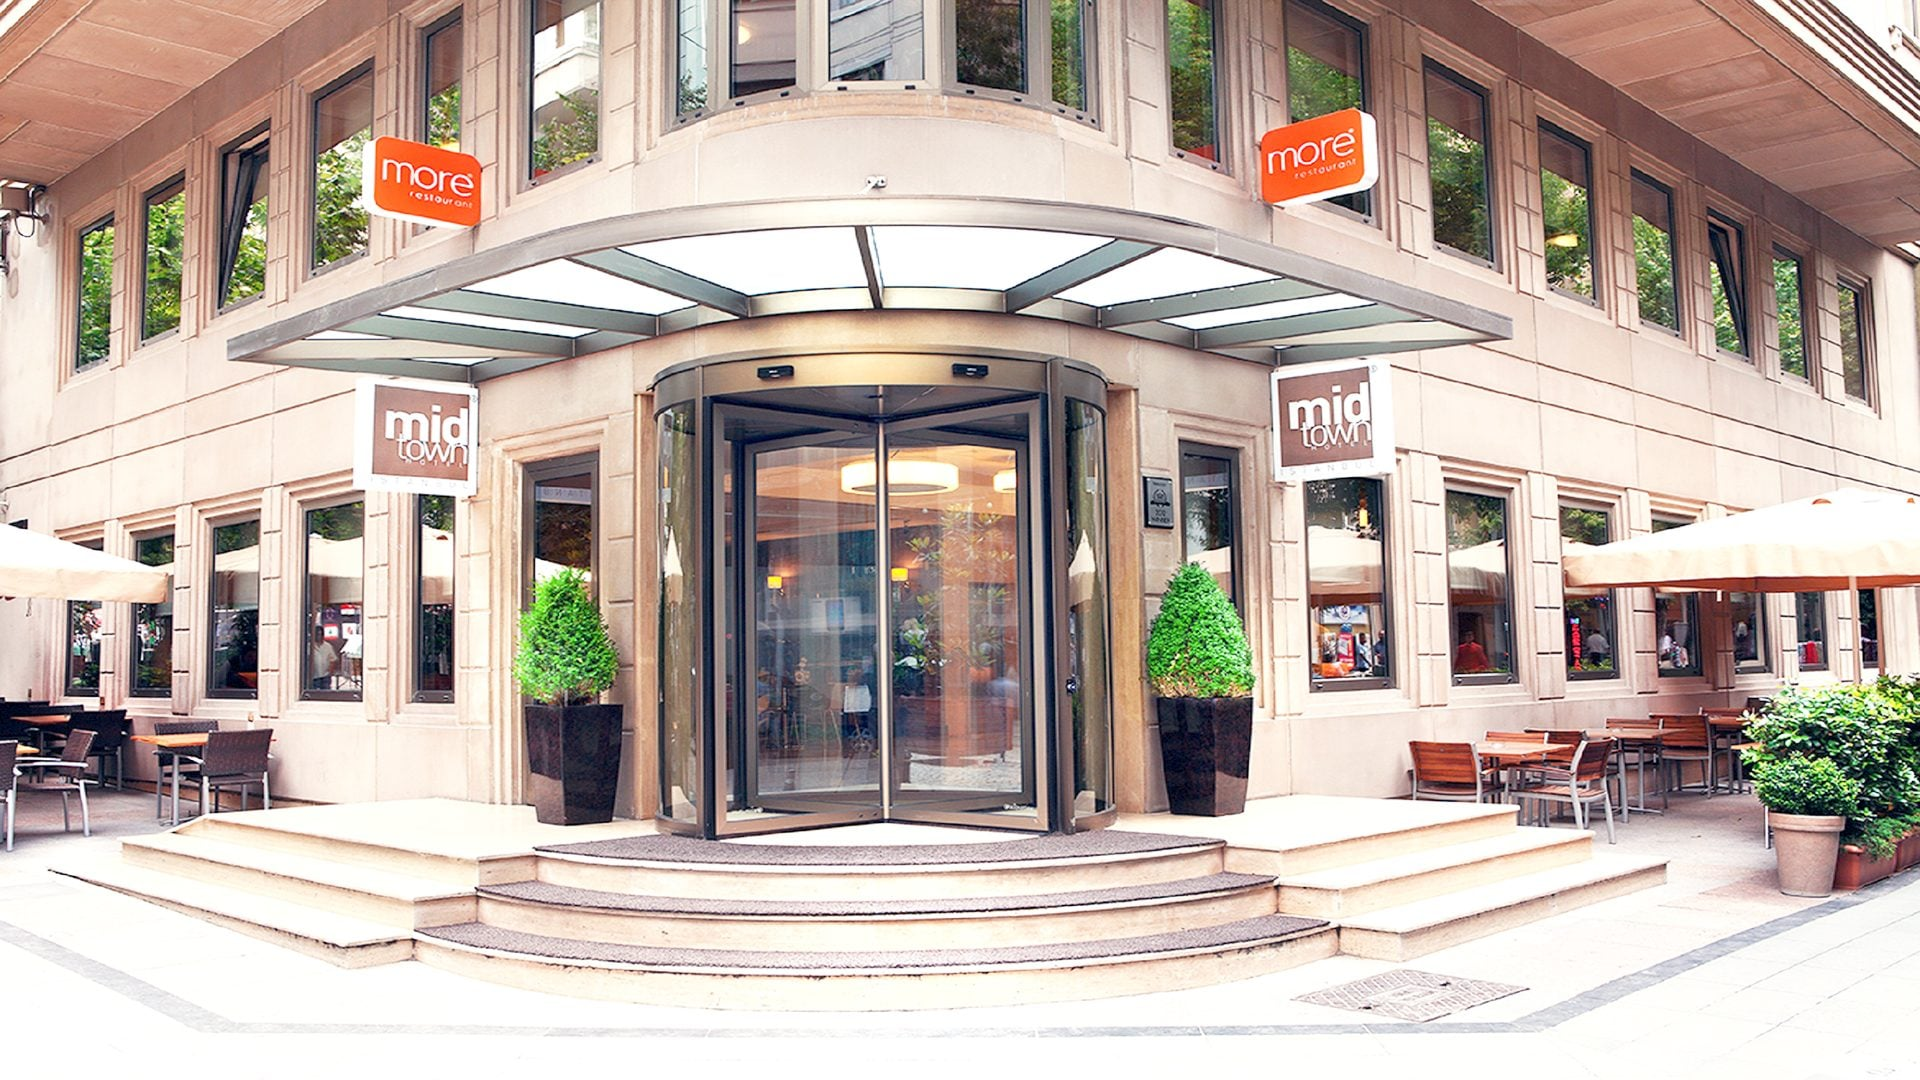 Midtown Hotel Front Door Entrance